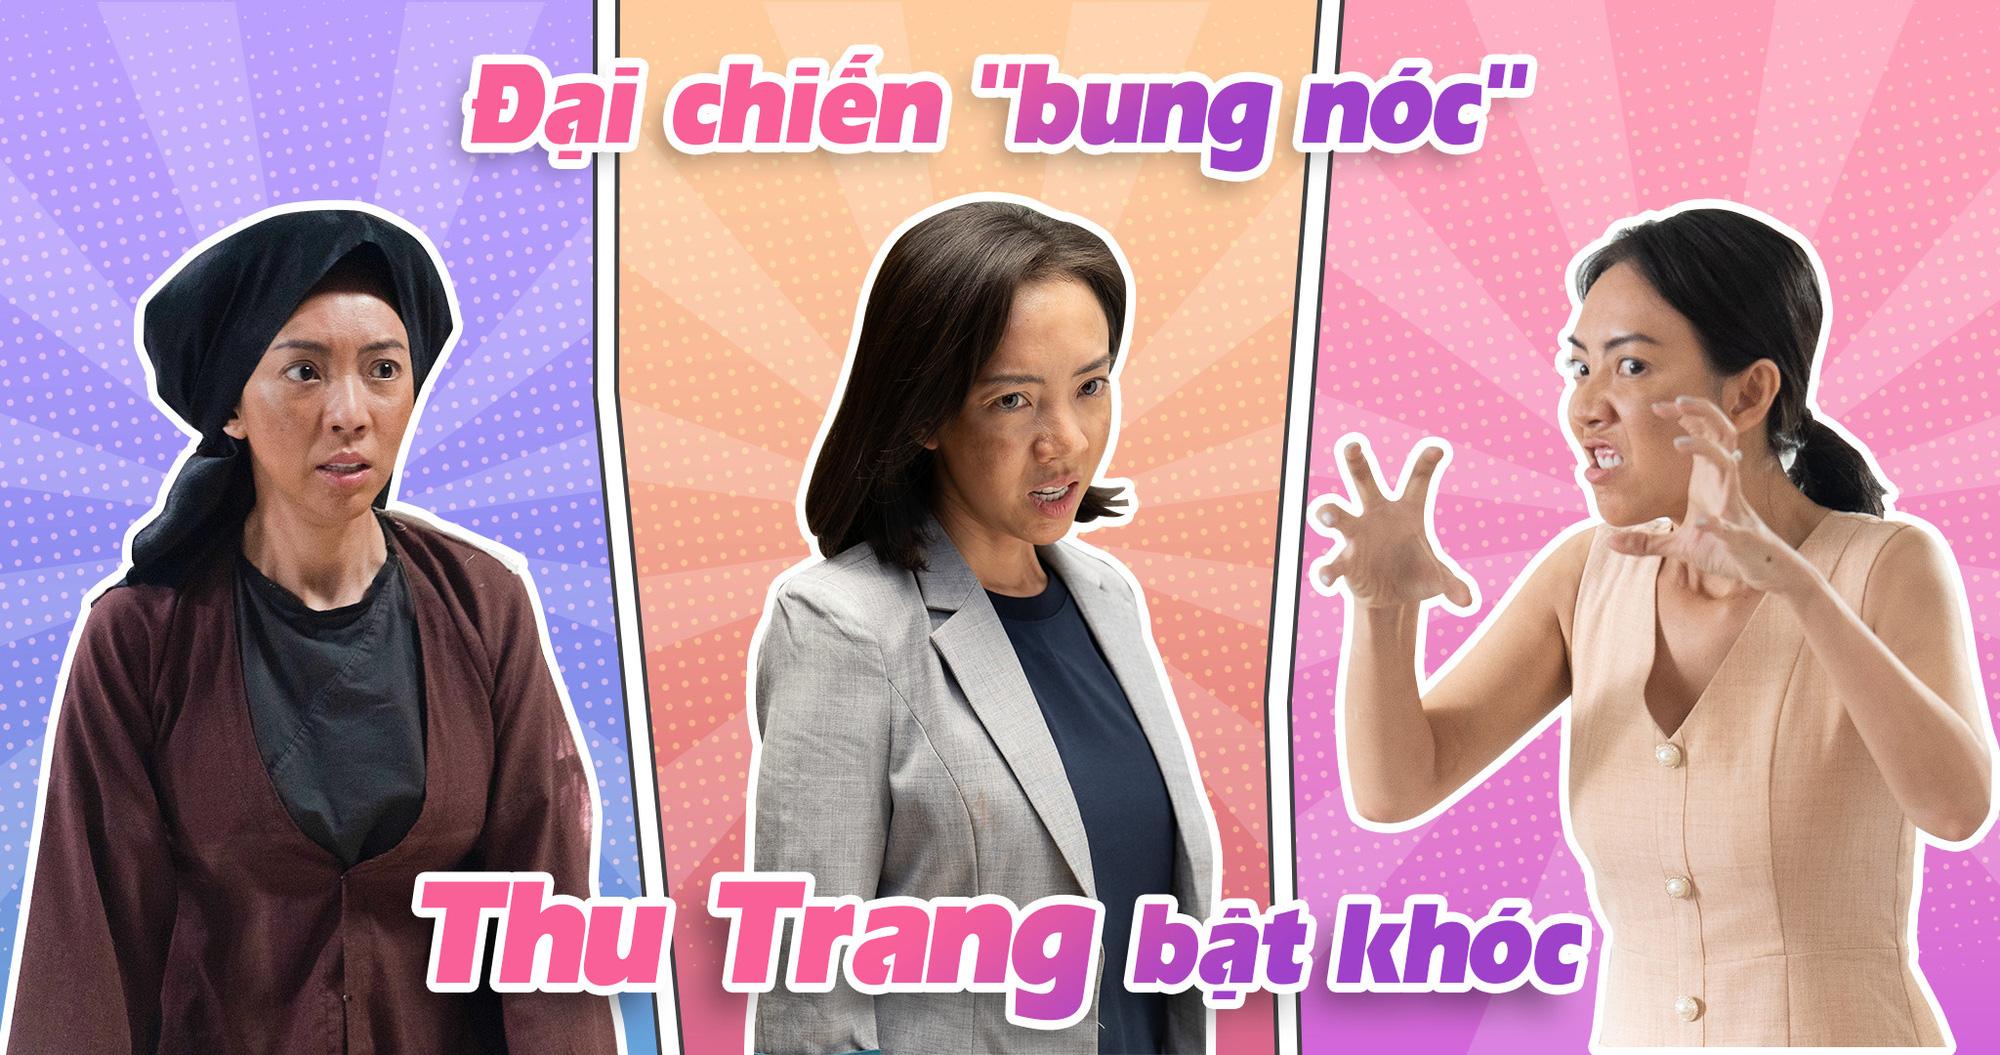 """""""Hoa hậu hài Thu Trang vui và yêu Hoa hậu Khánh Vân vì được """"bao"""" trà sữa - Ảnh 2."""